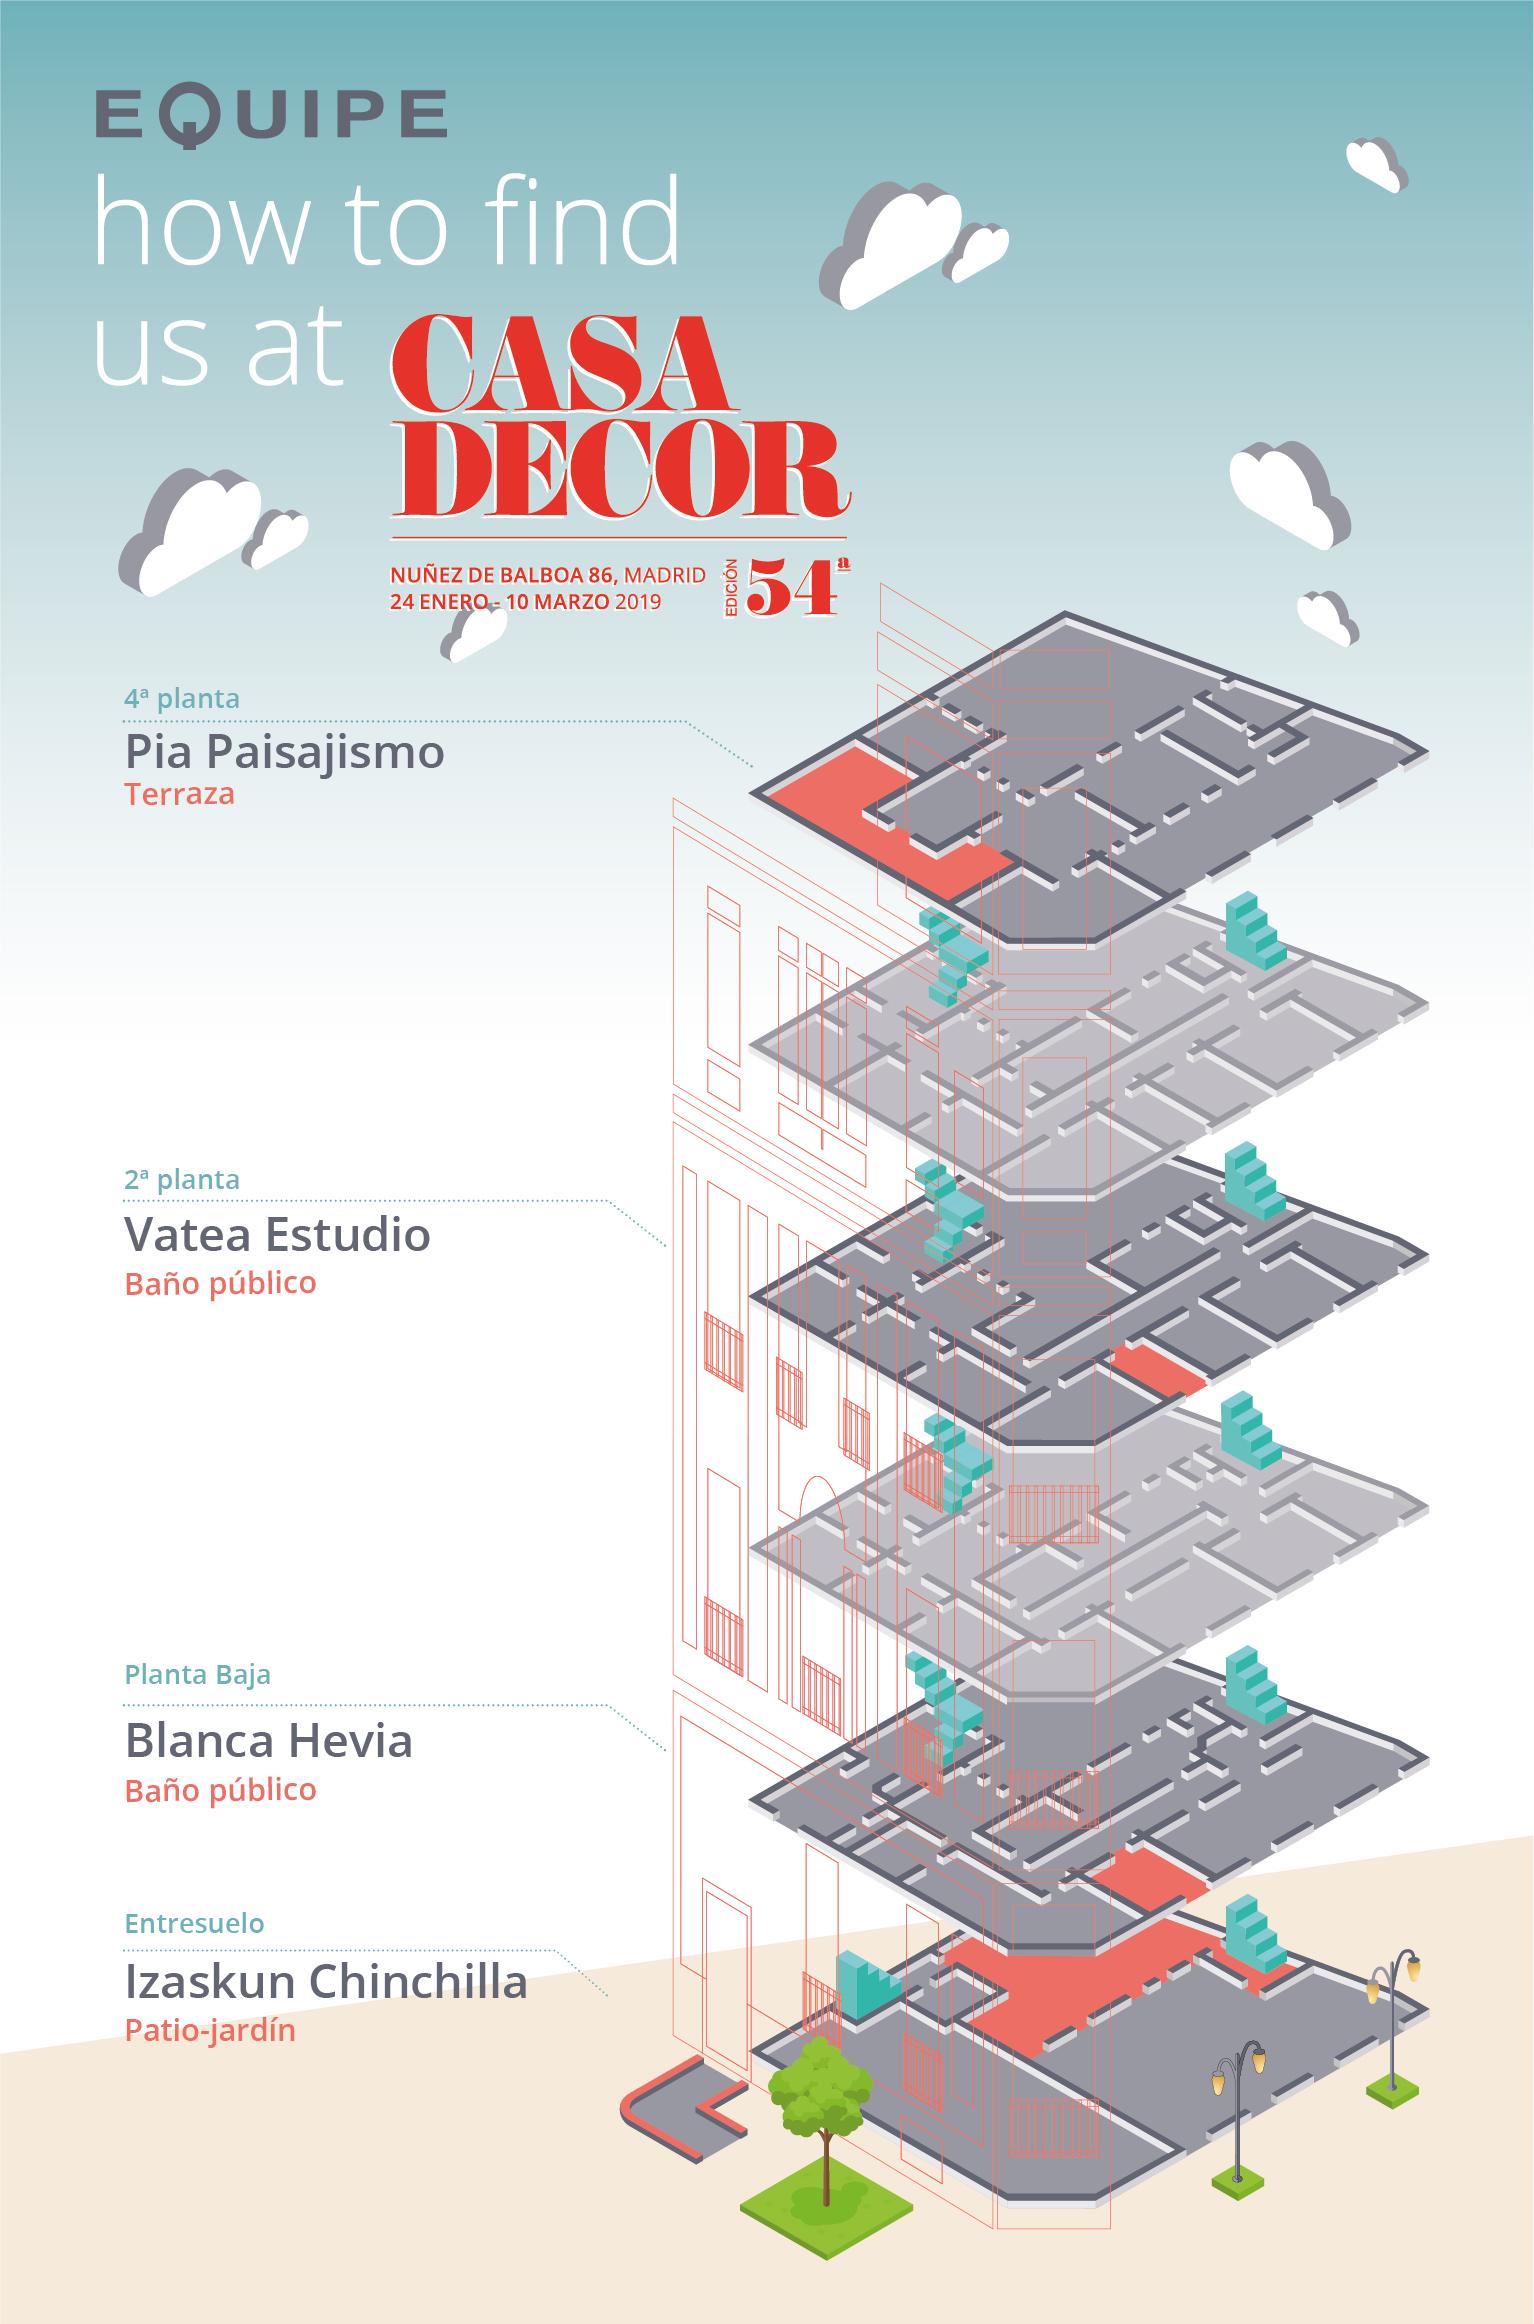 CASADECOR 2019 - Equipe - Infografia